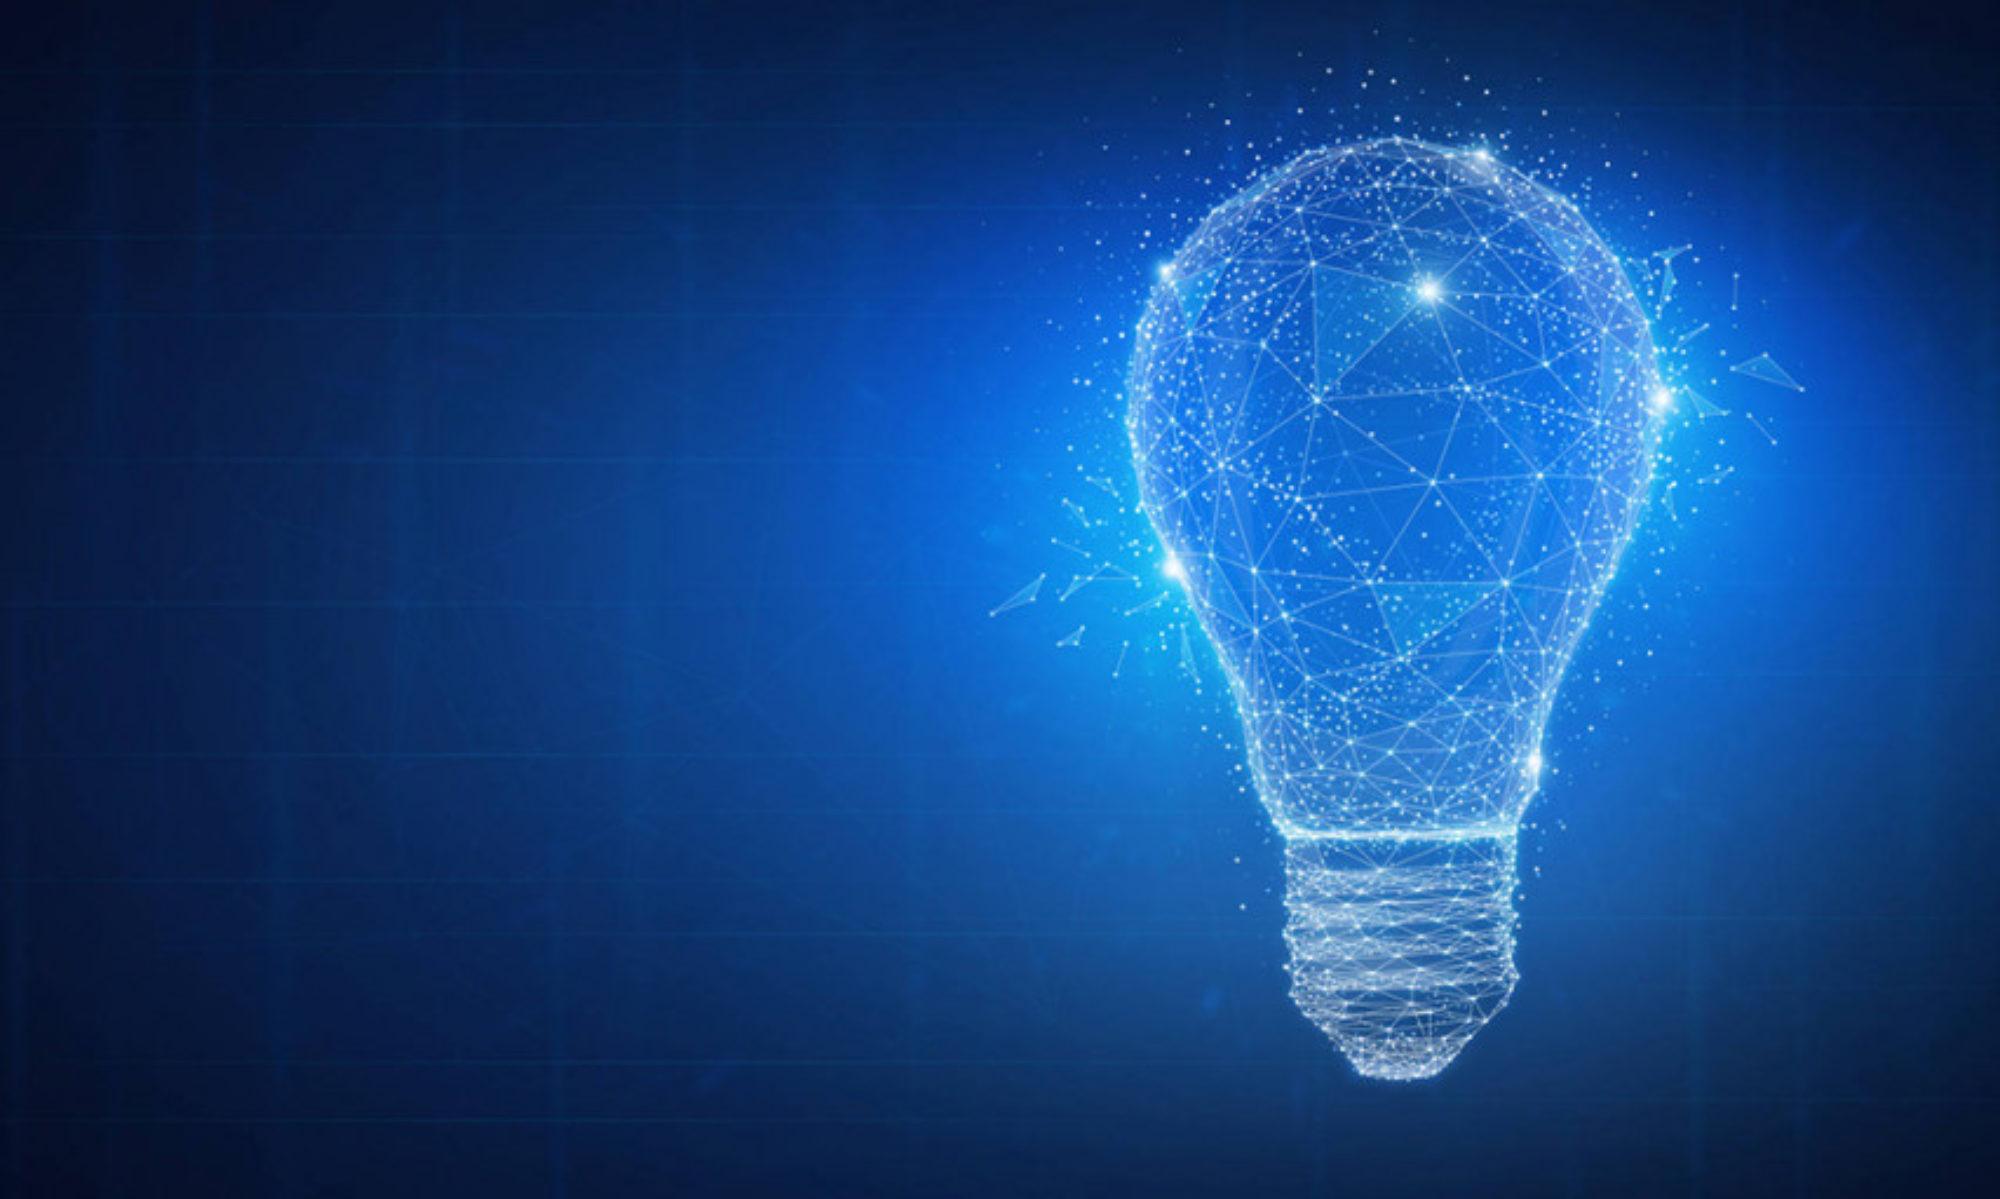 Come-la-Blockchain-rivoluzionera-il-mercato-della-energia-elettrica-secondo-la-ricerca-Atlantic-Council